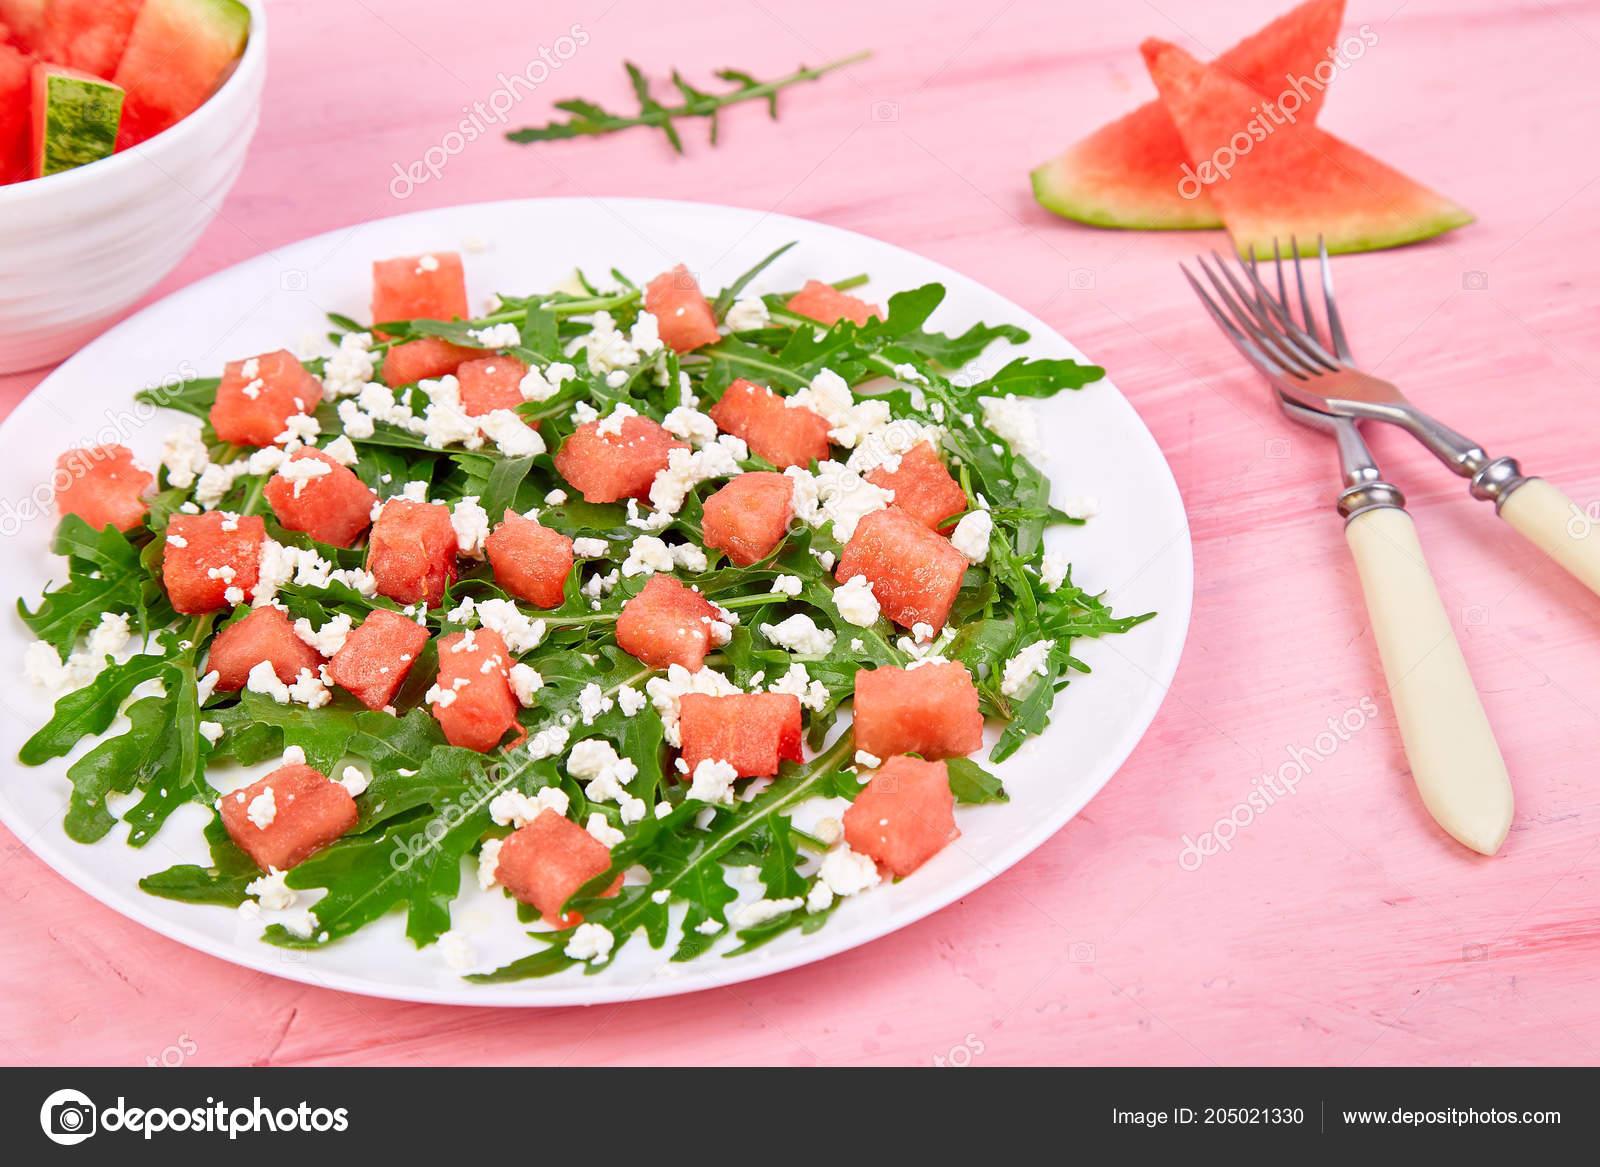 dieta vegetariana para el verano